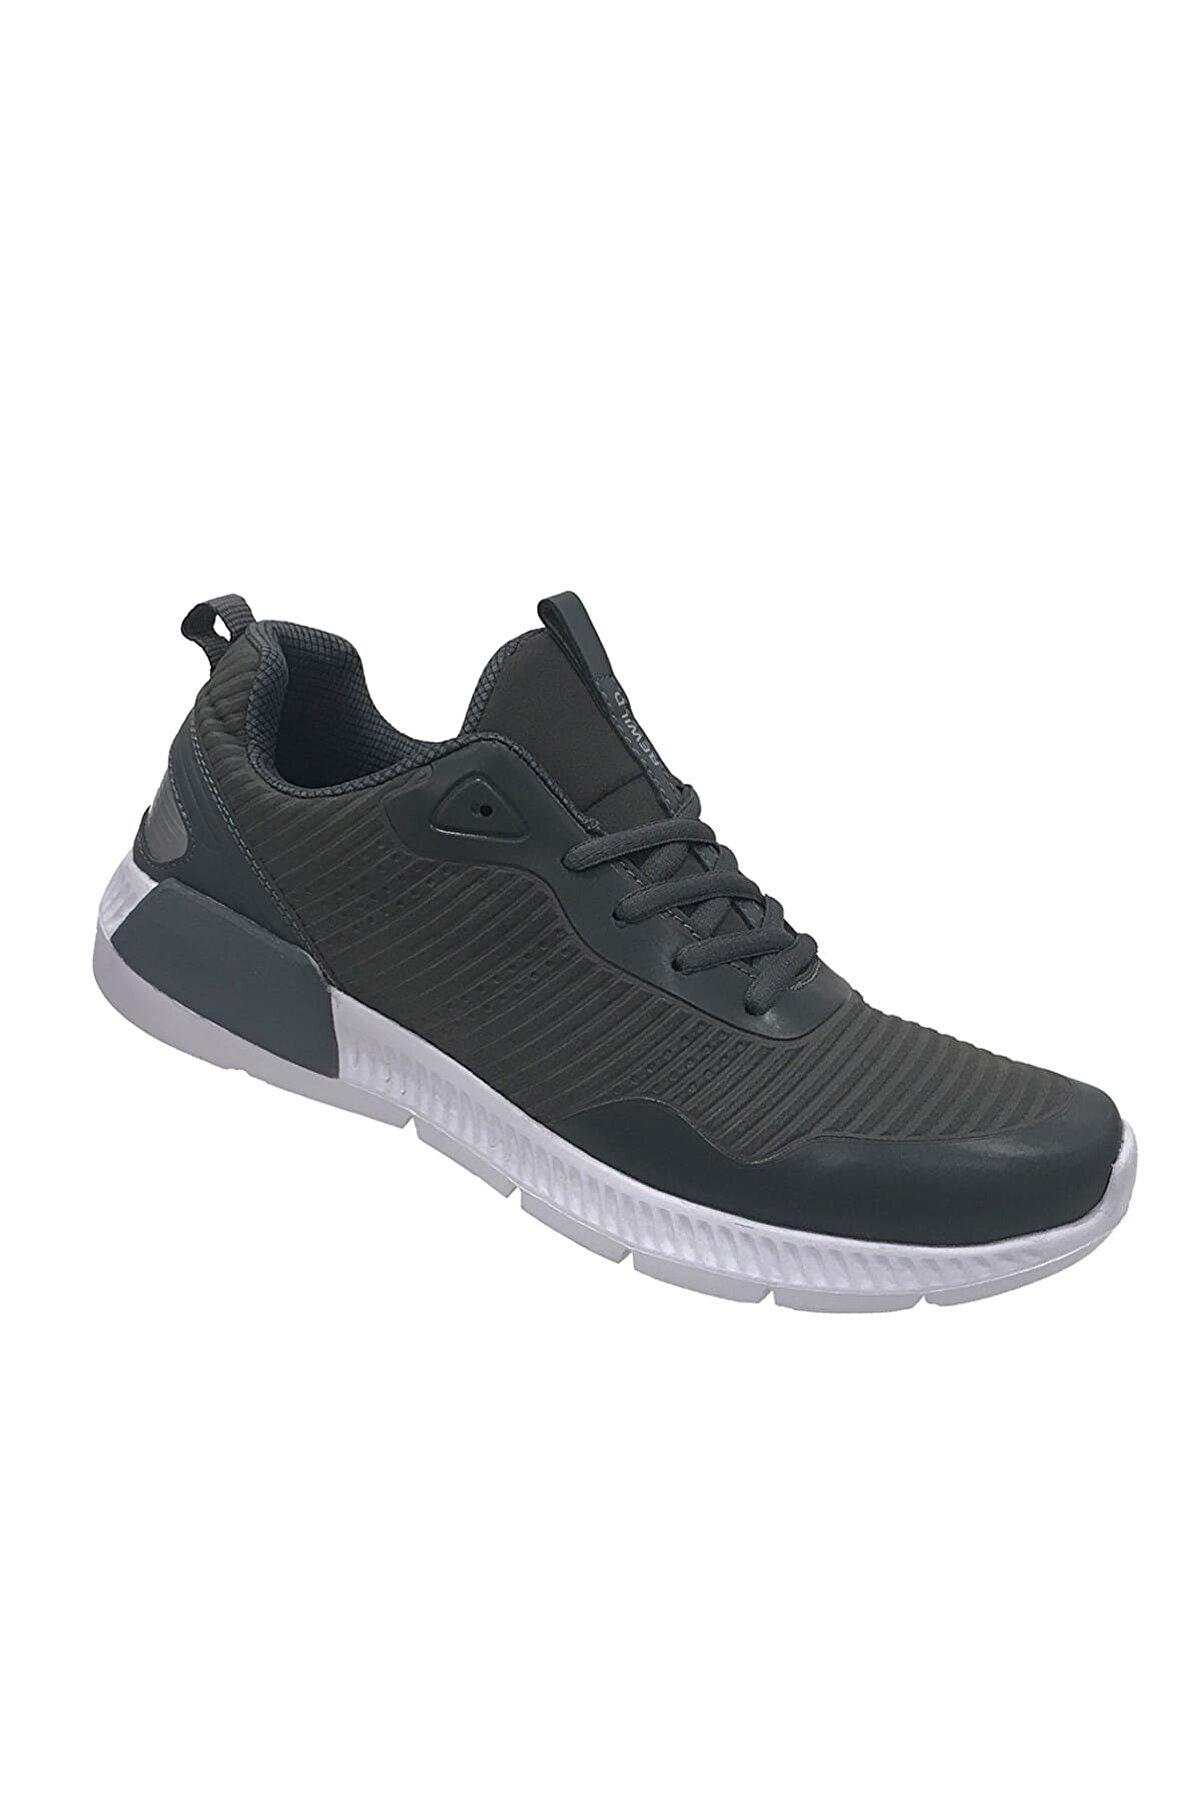 Bewild Füme Erkek Yürüyüş Ayakkabısı 1302M17